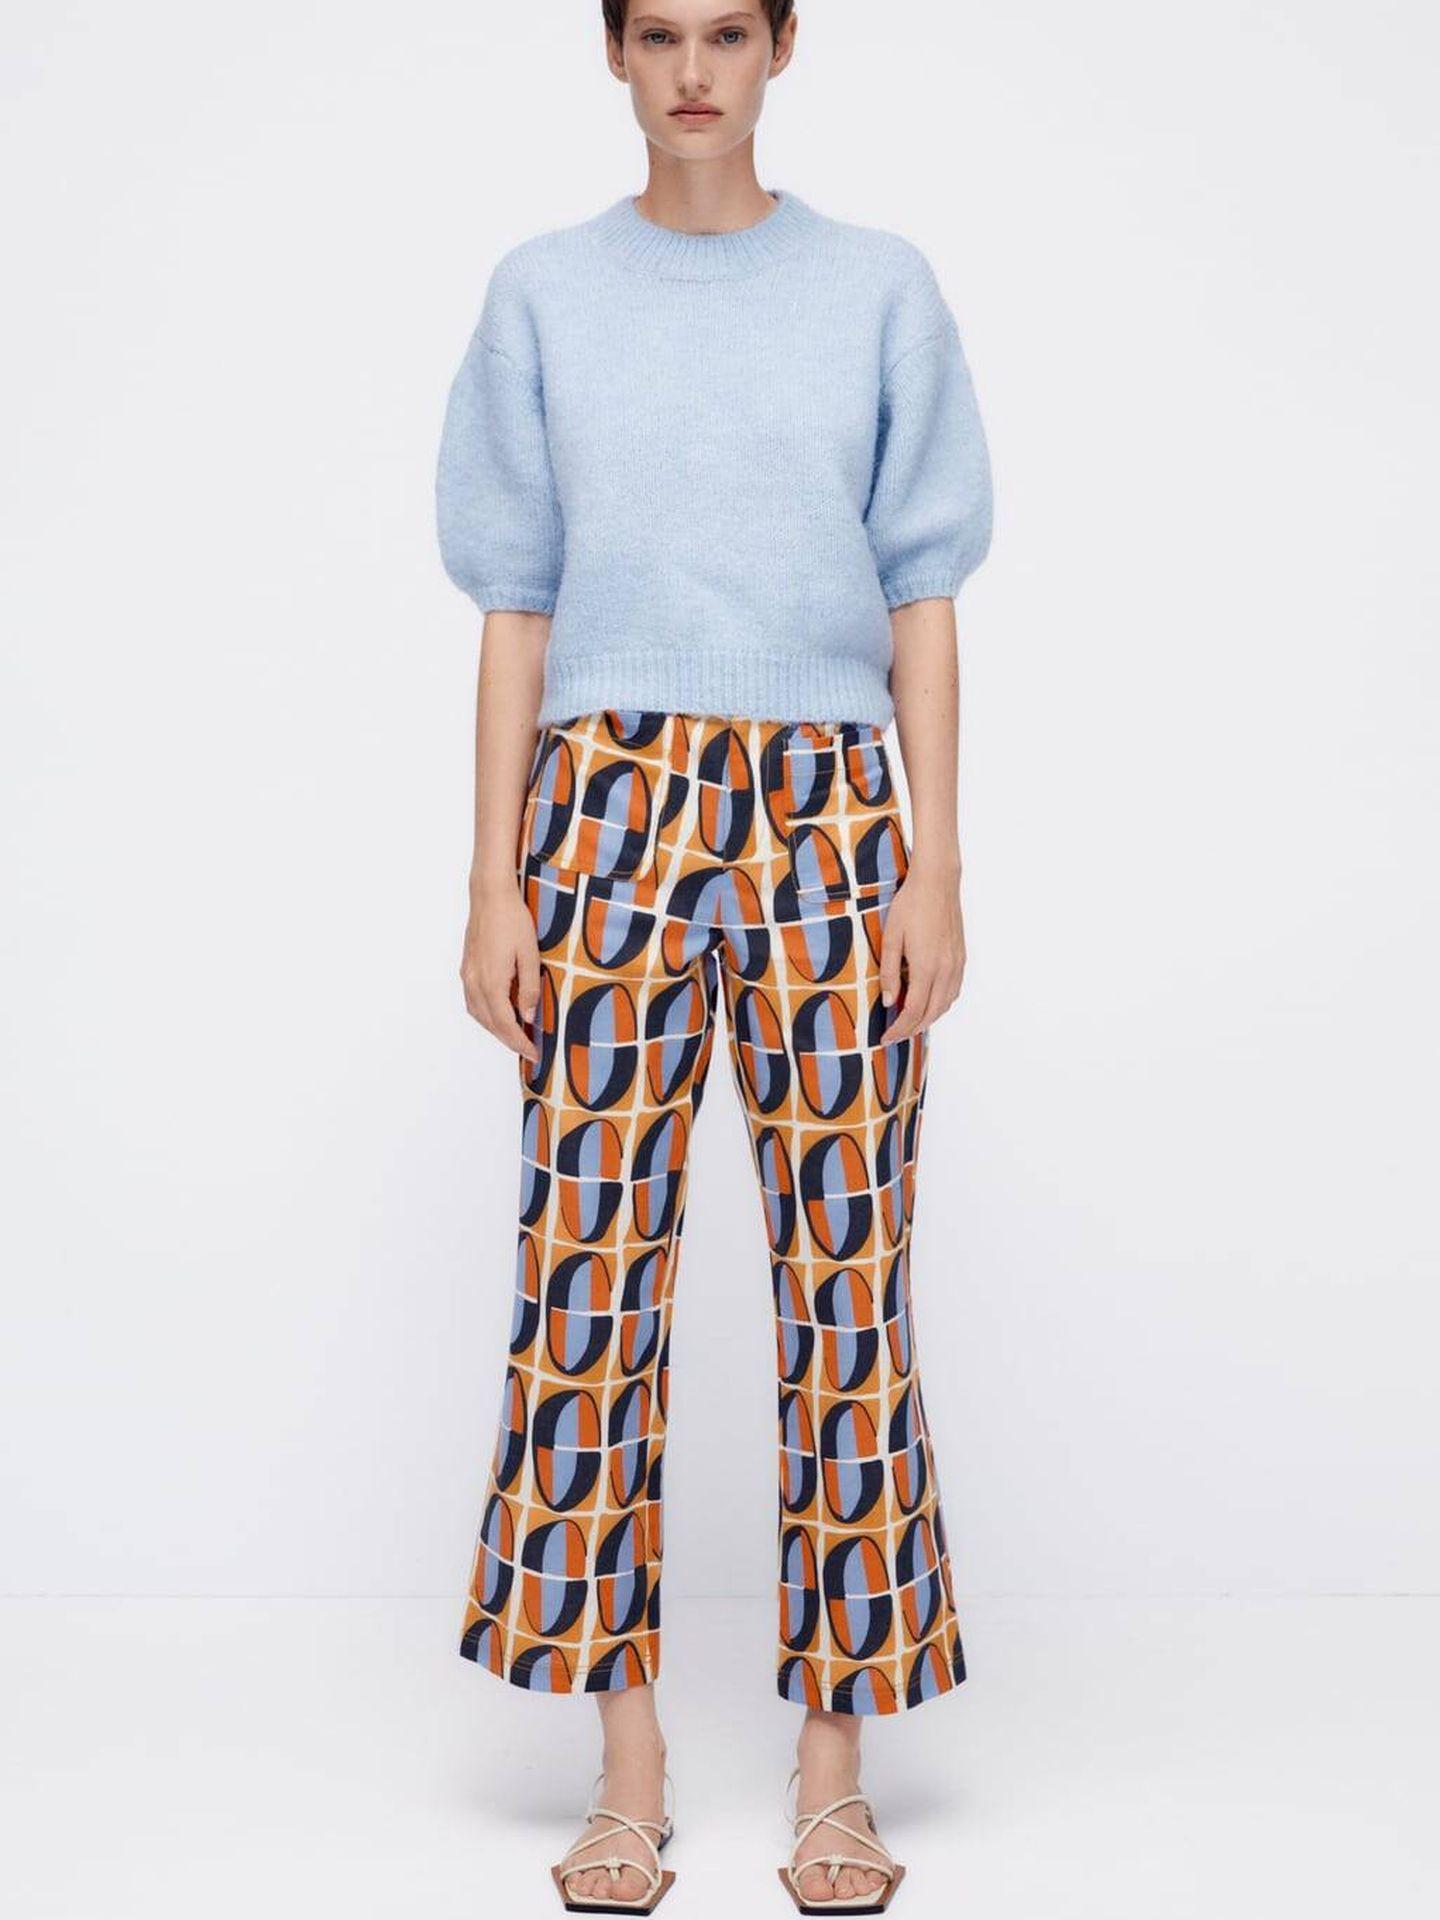 Pantalón estampado y jersey corto de lo nuevo de Zara. (Cortesía)